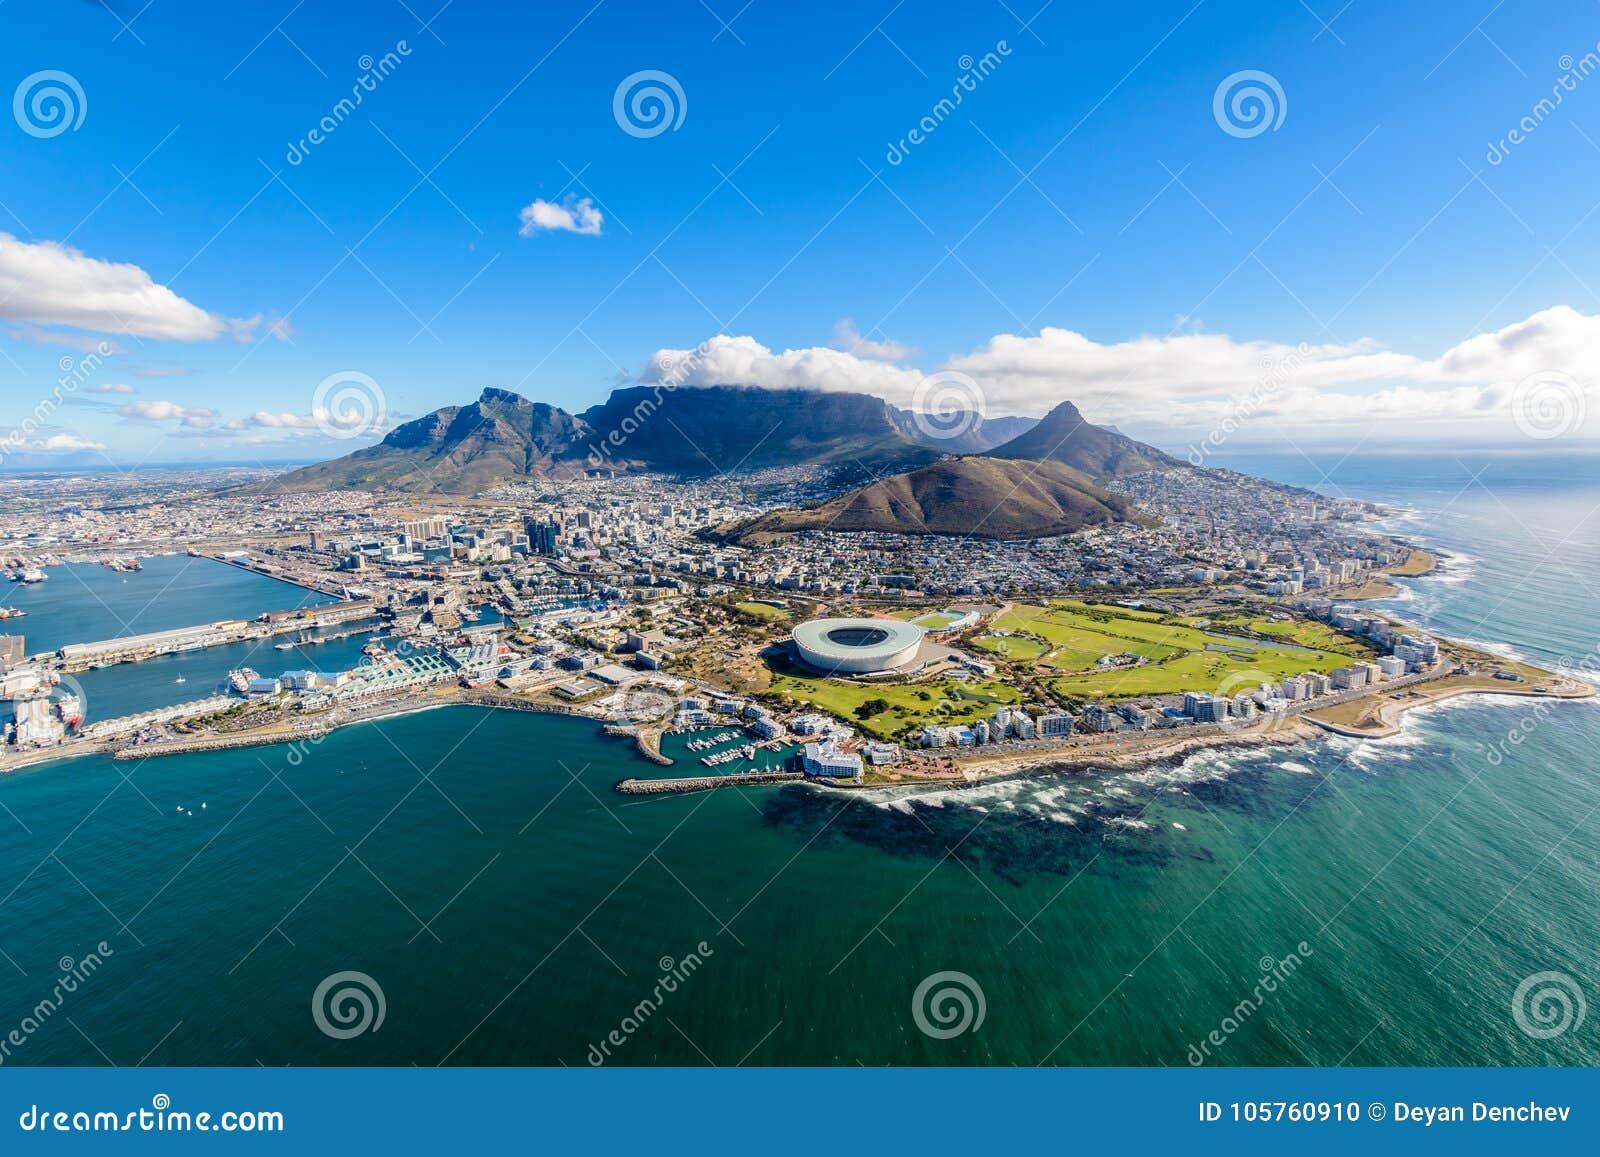 Luftfoto von Cape Town 2